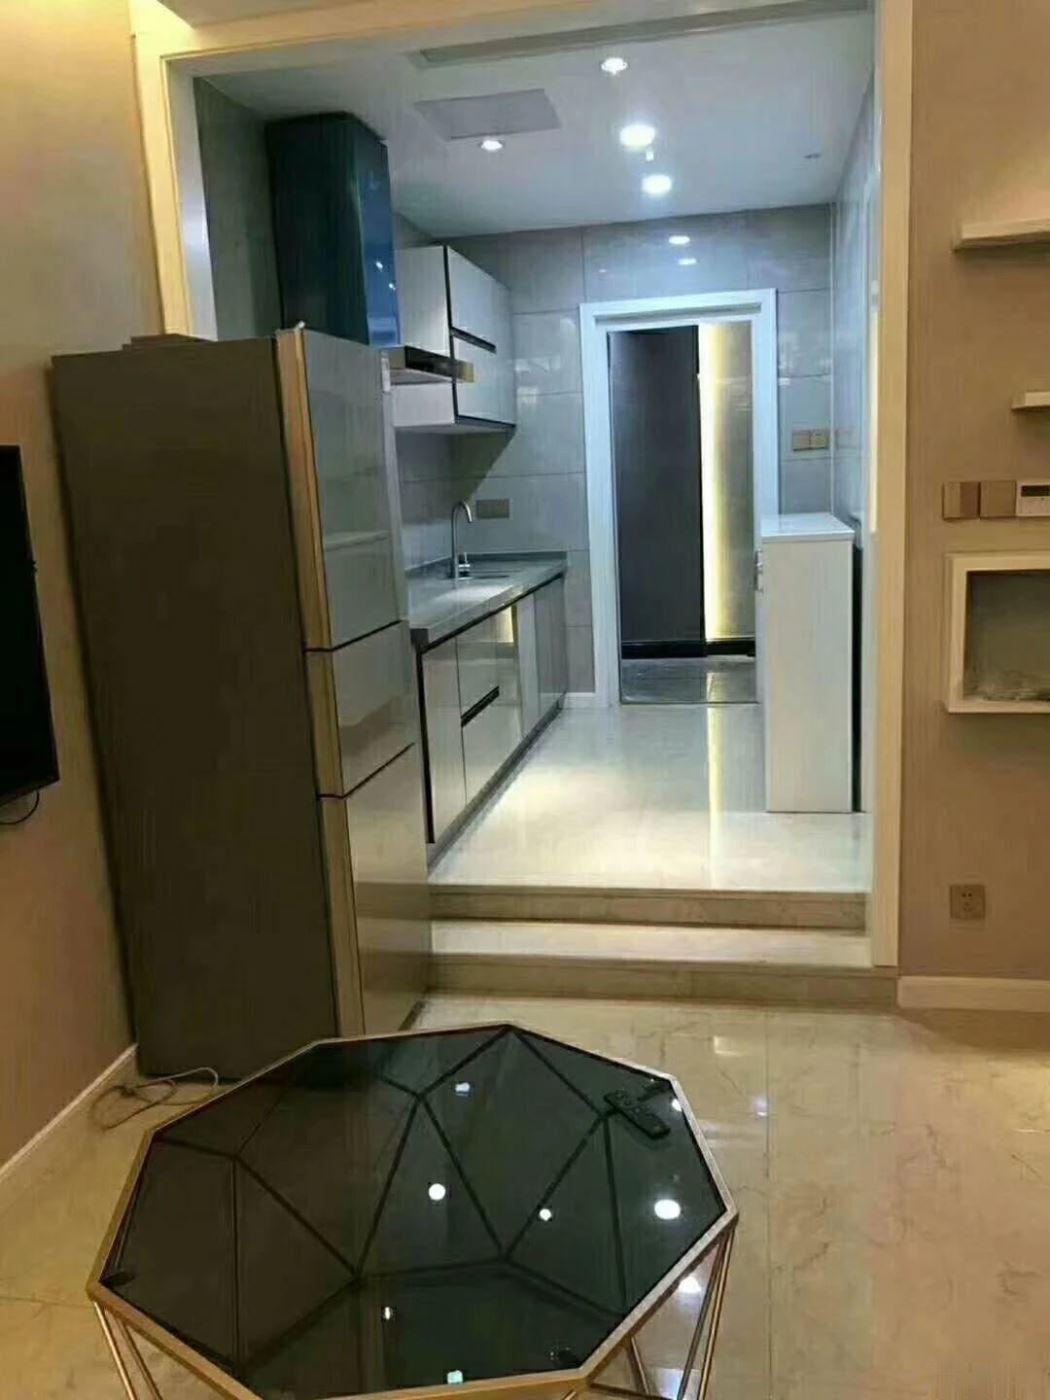 惊爆价!成龙公寓实验小学 小面积 精装修 配套齐全 住宅性质